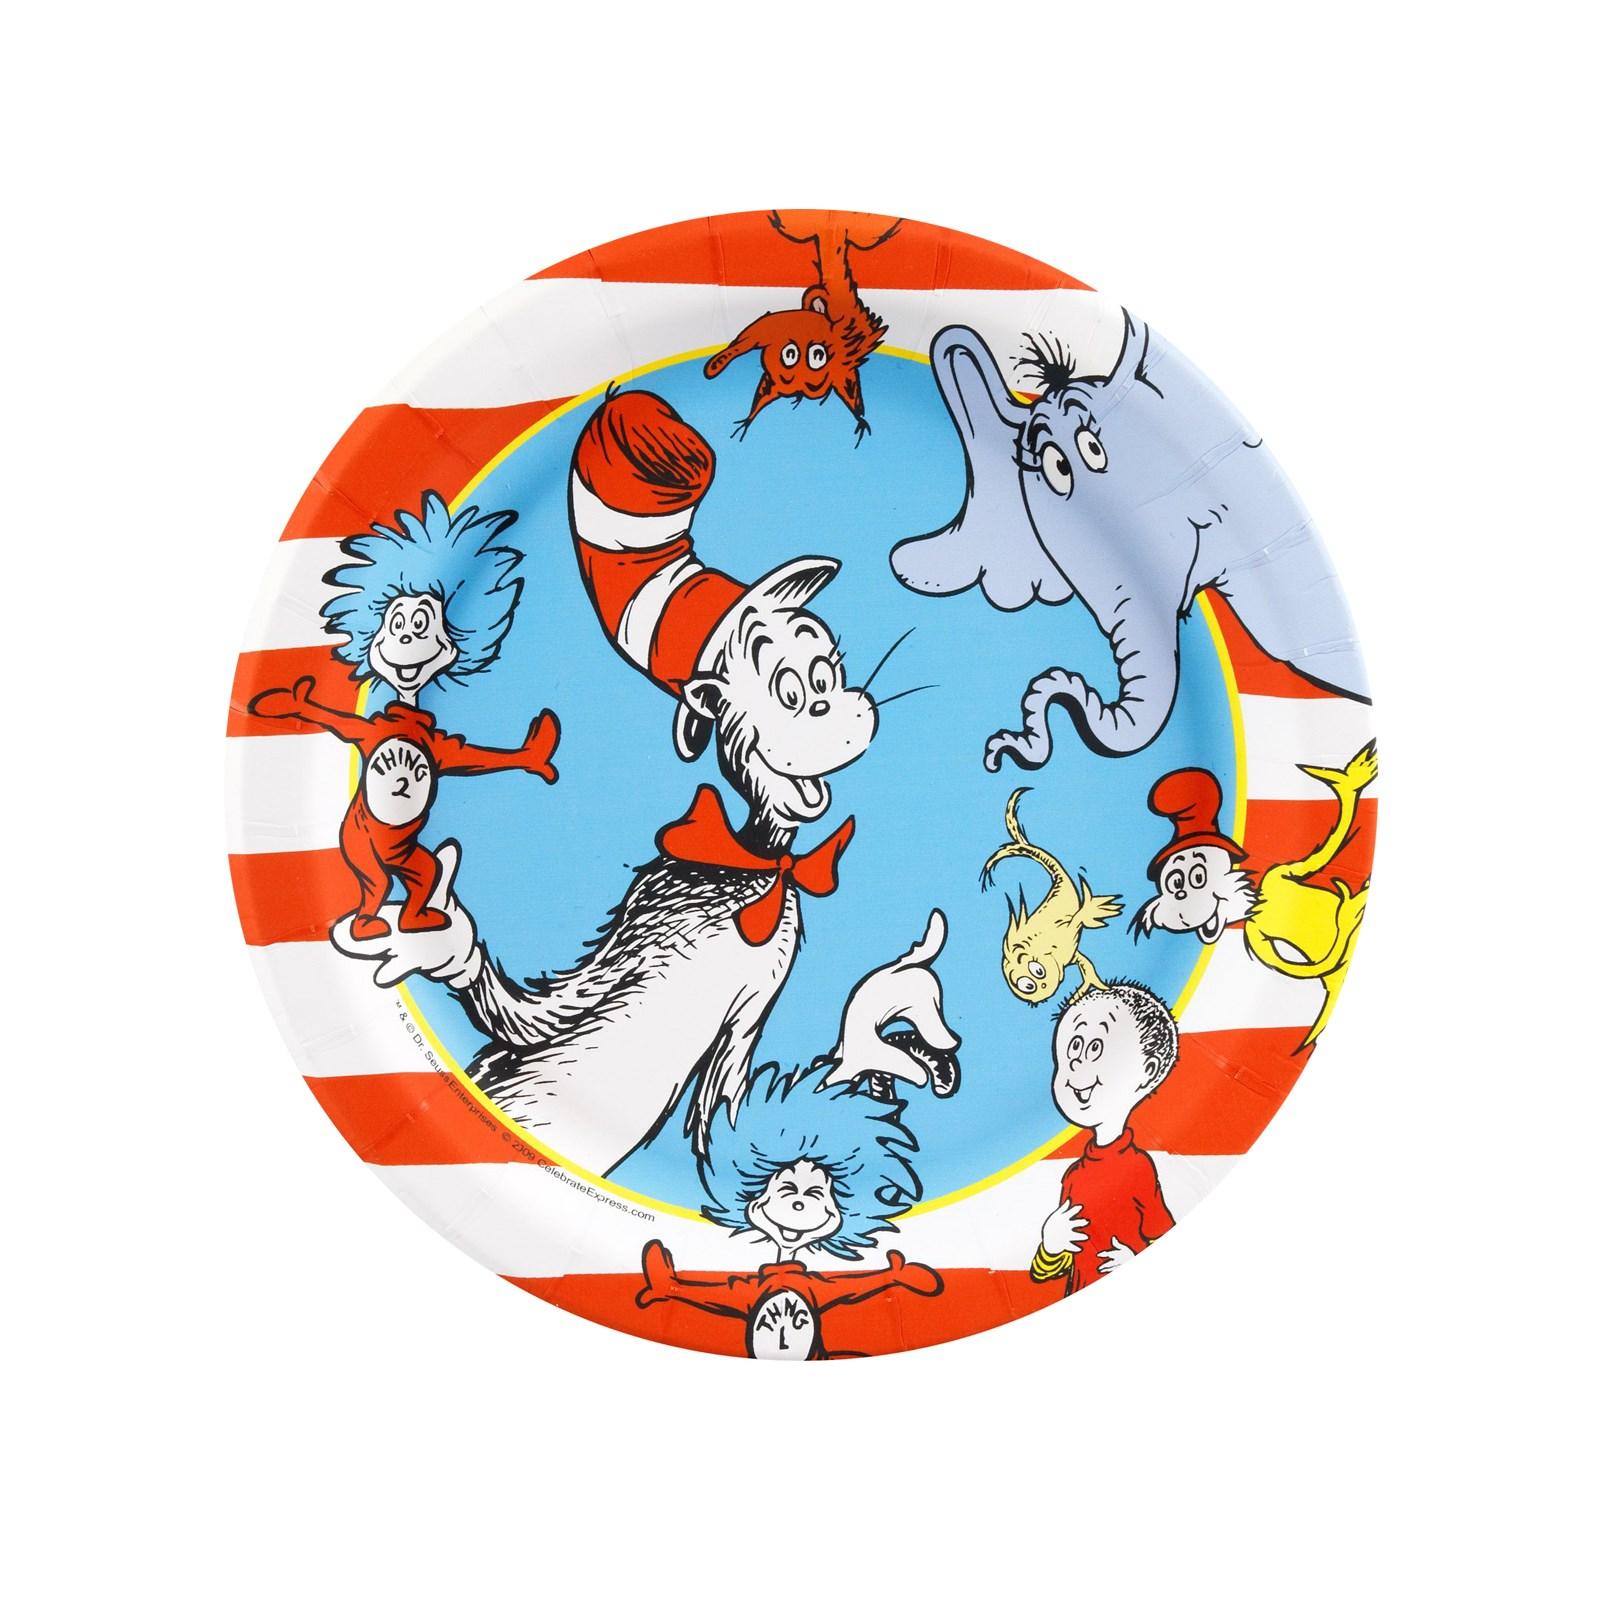 Dr. Seuss Dessert Plates 8 count